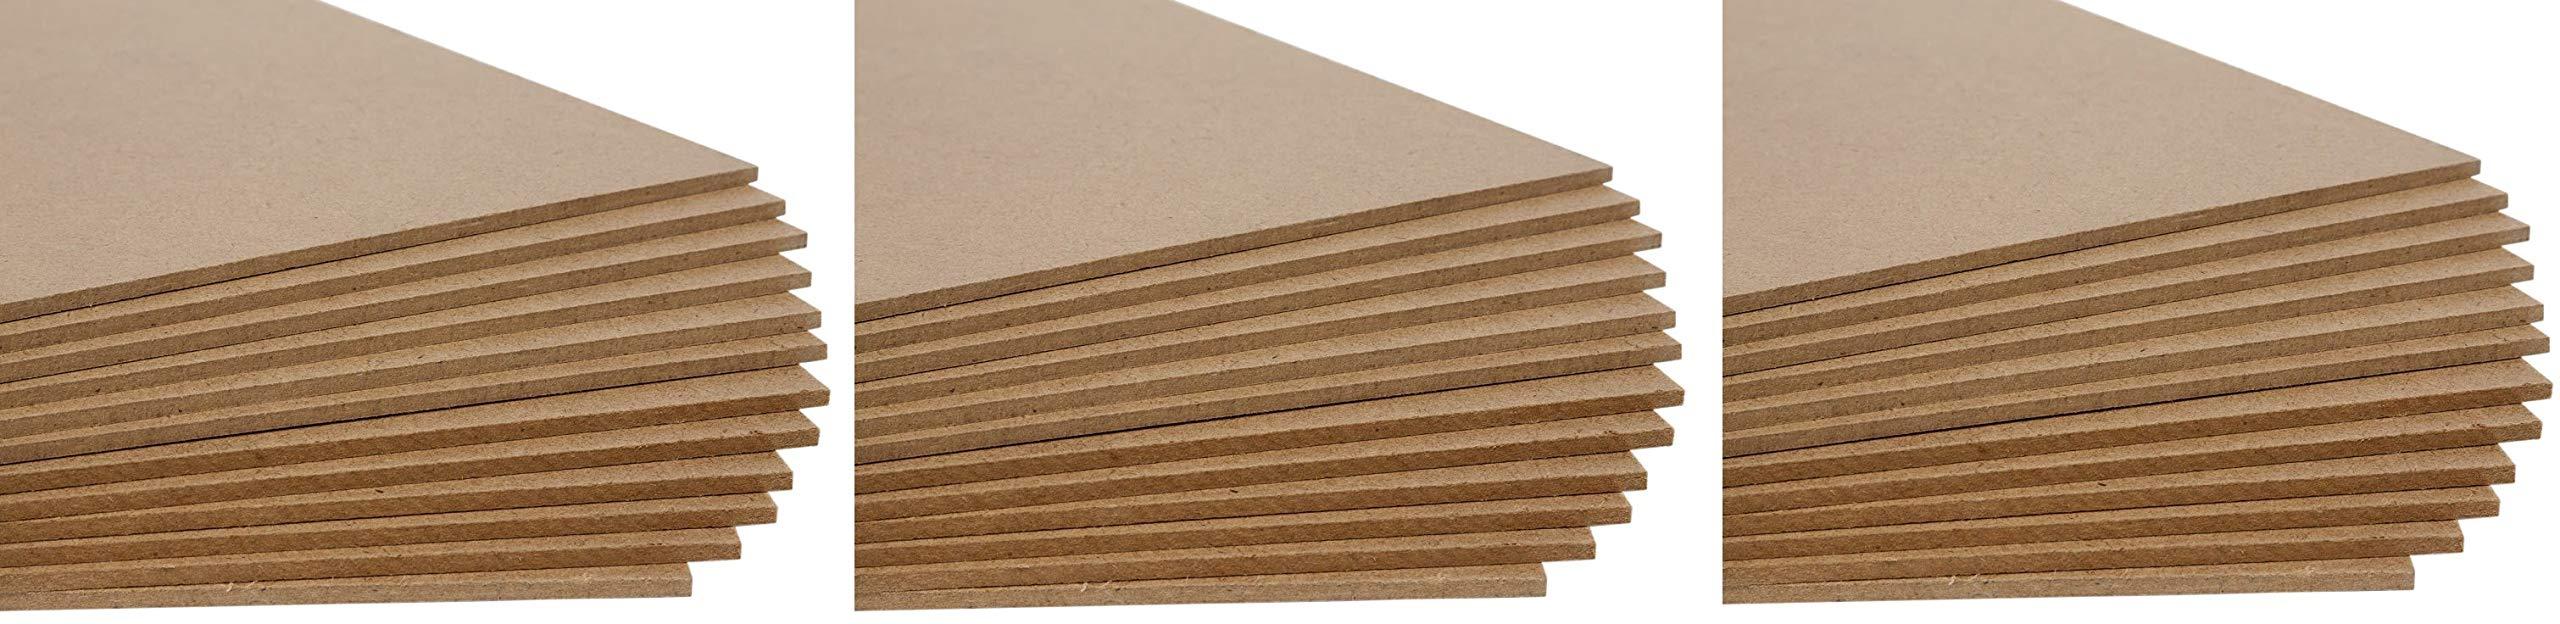 Jack Richeson Medium Density Untempered Hardboard(12 pack), 8x10 (Thrее Рack)